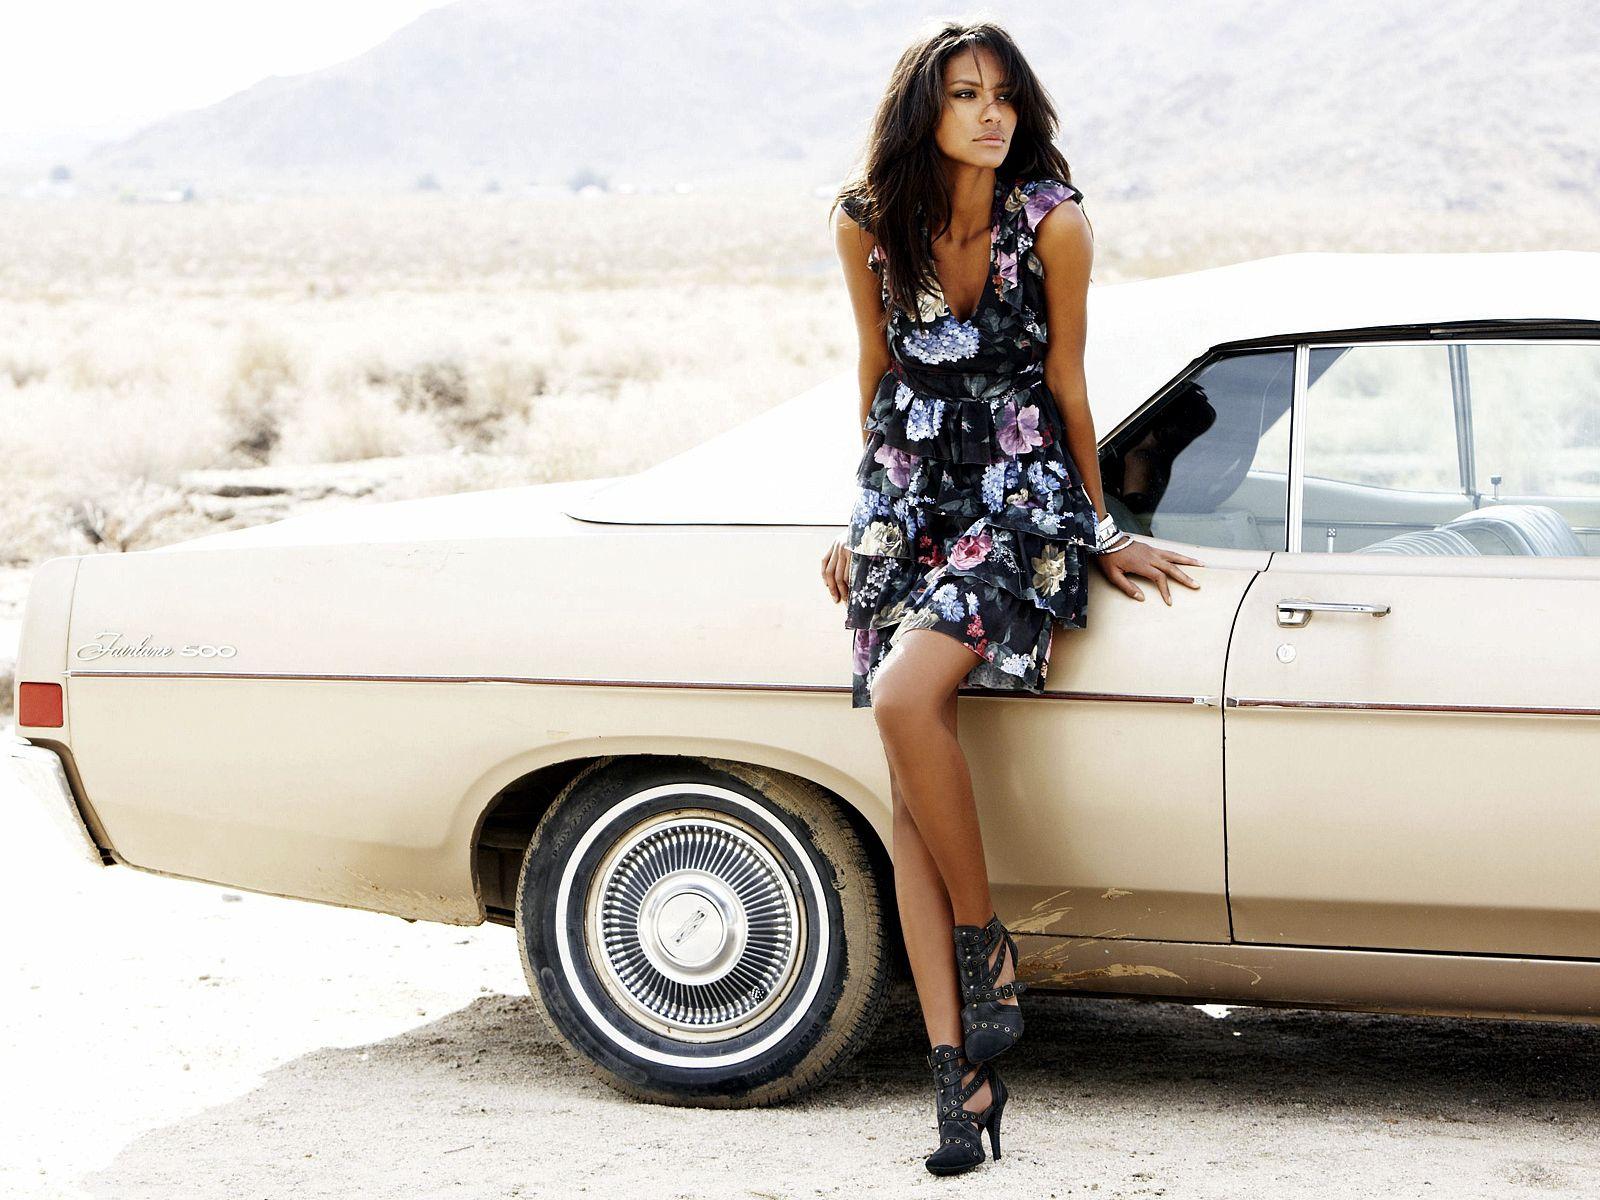 Download High quality Get stuck Girls Cars Wallpaper Num 16 1600x1200